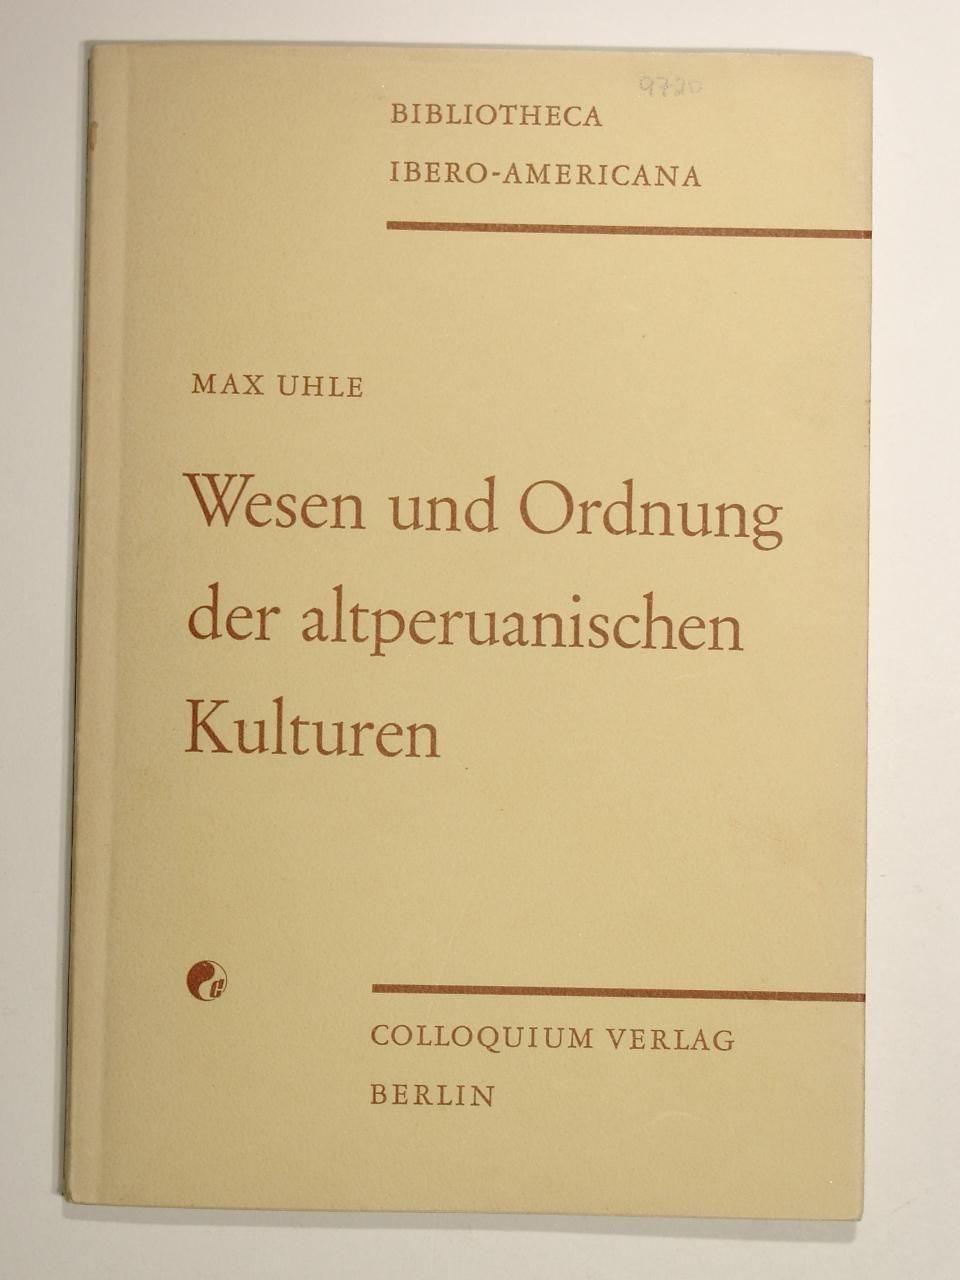 Wesen und Ordnung der altperuanischen Kulturen. Bibliotheca: Max Uhle: